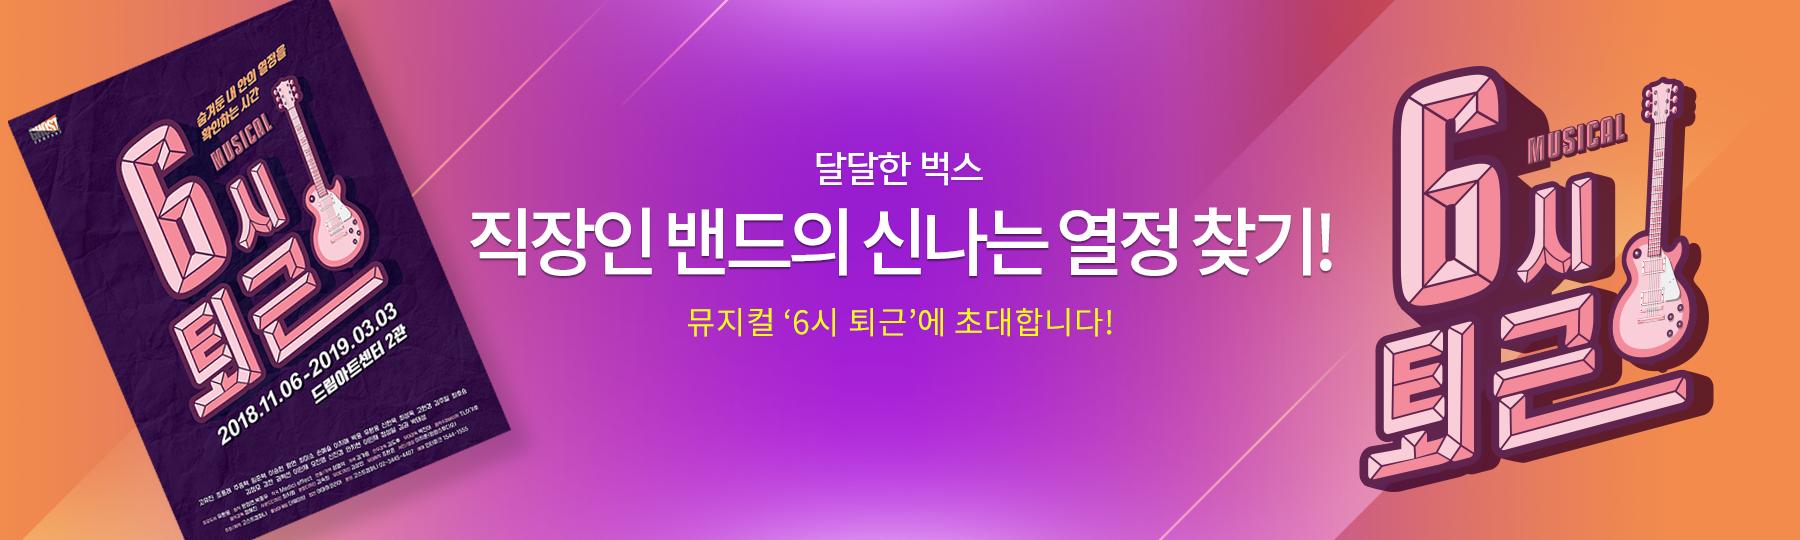 [달달1월]뮤지컬6시퇴근